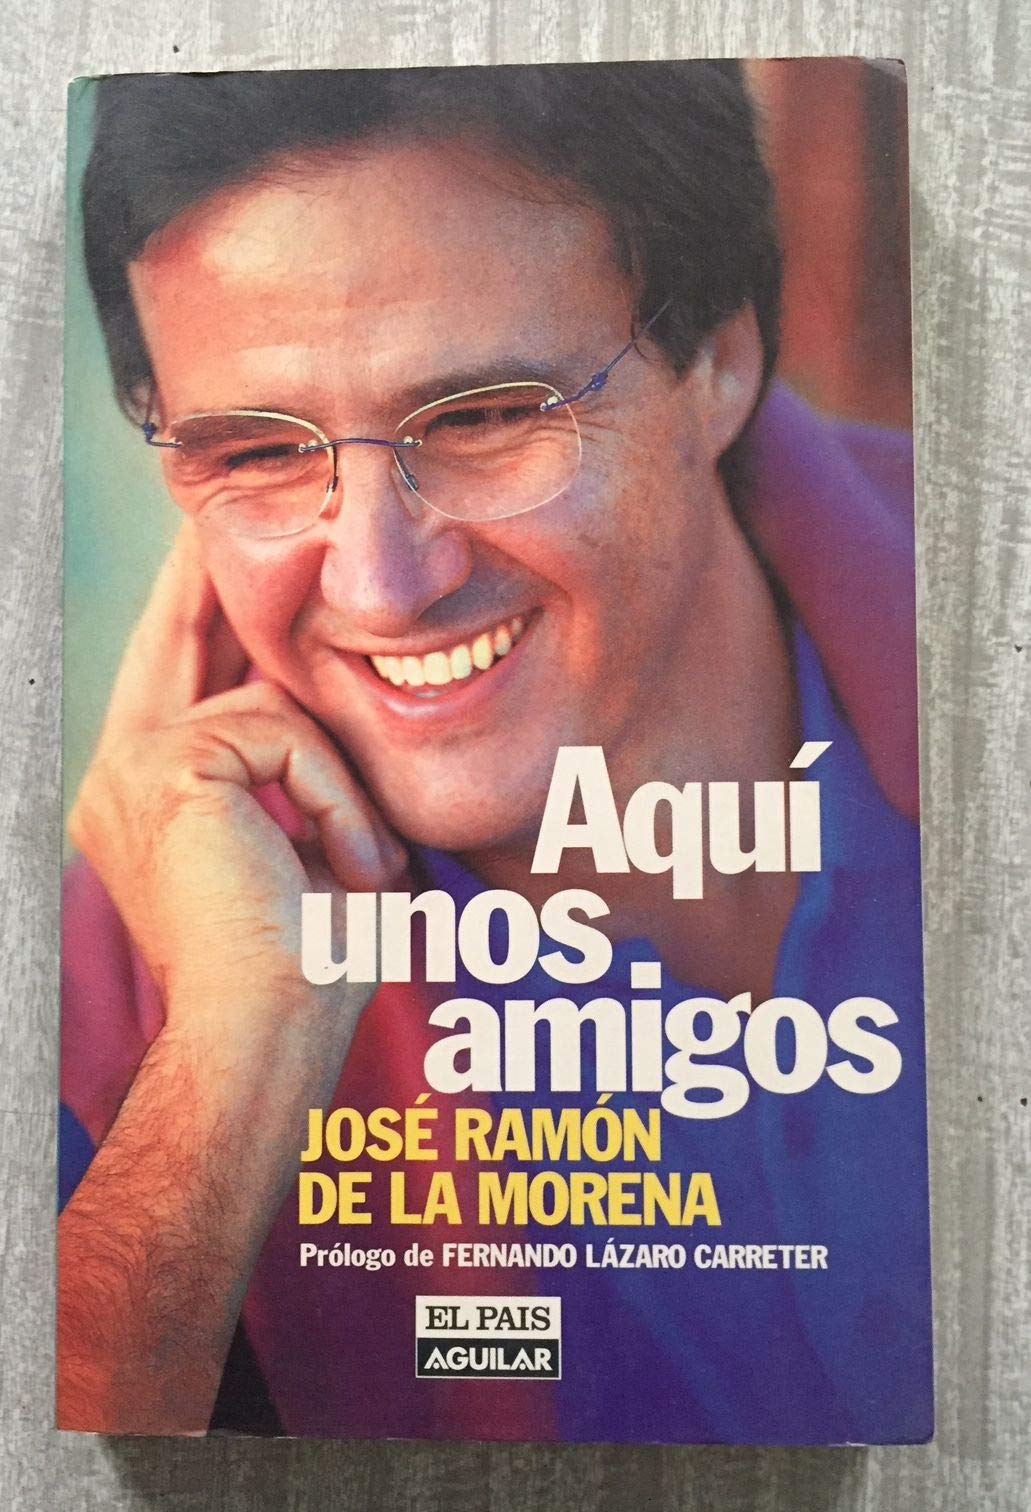 AQUI UNOS AMIGOS: Amazon.es: JOSE RAMON DE LA MORENA: Libros